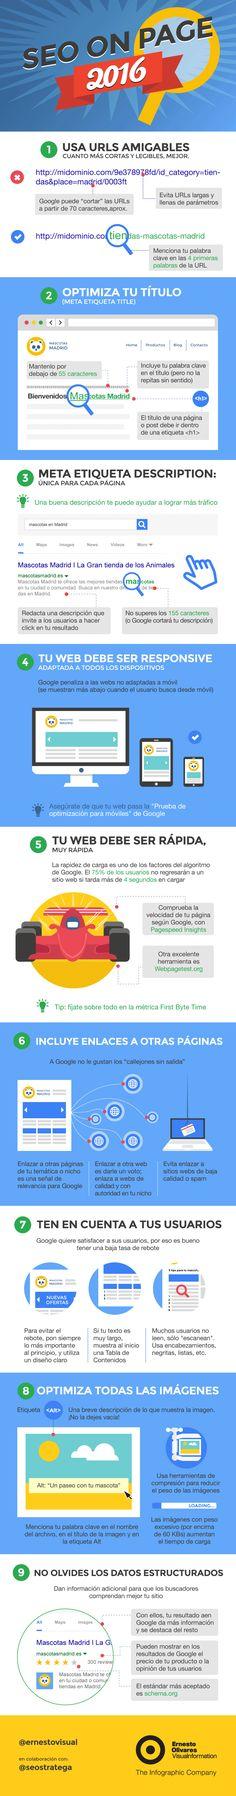 Hola: Una infografía sobre Qué es el SEO On Page. Un saludo Infografía por: Ernesto Olivares Visual Information